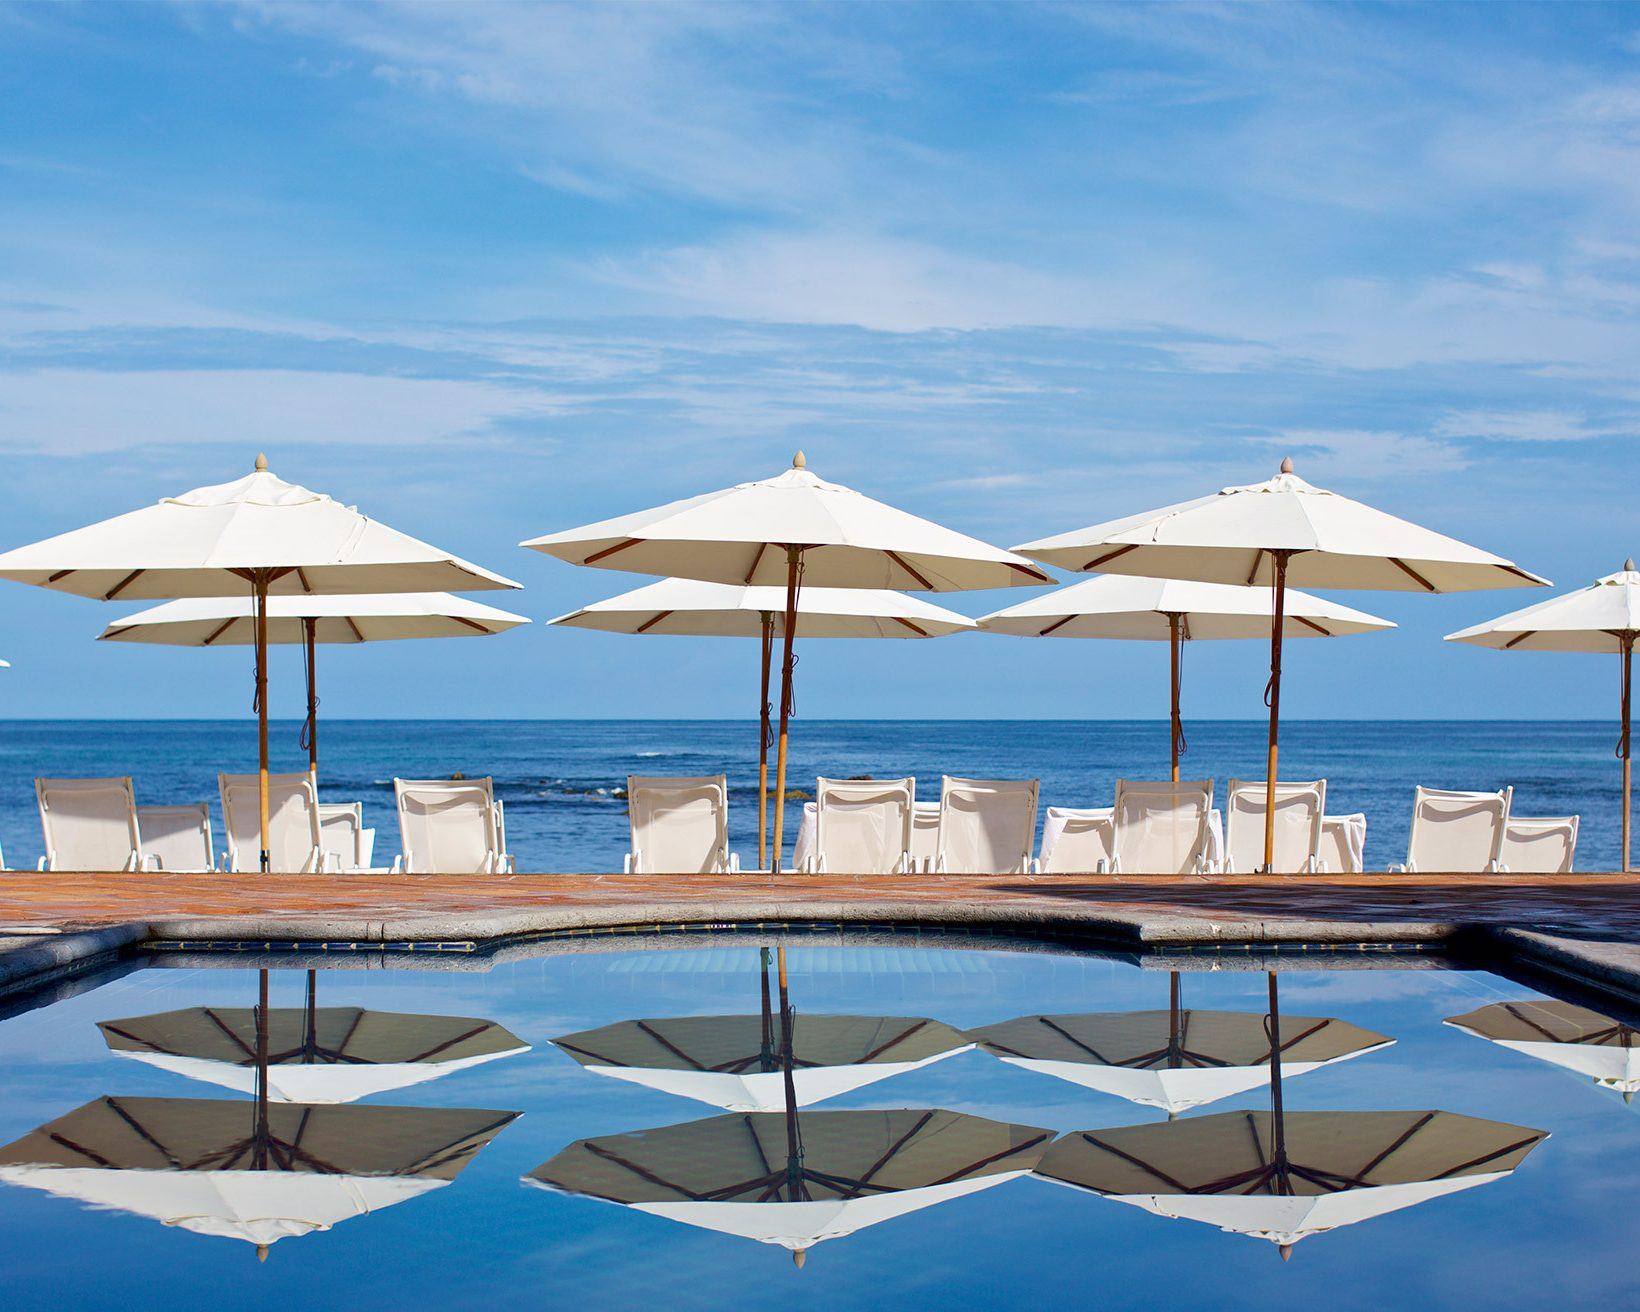 Reservas flexibles: Encuentra viajes con opción de cancelación y cambio